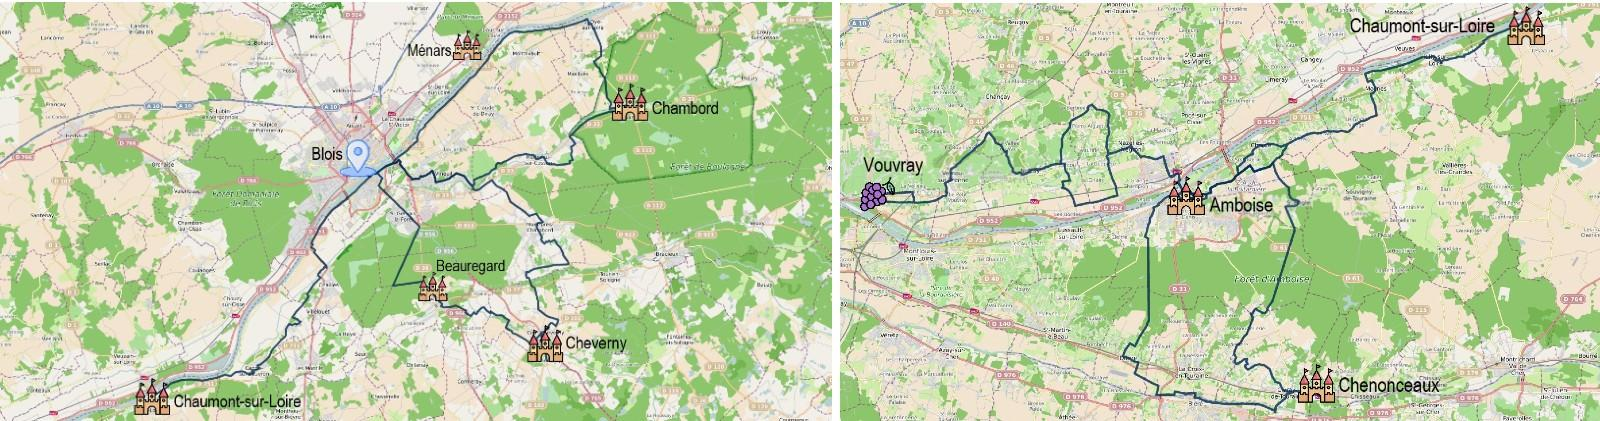 8 jours au pays des châteaux à vélo entre Chambord et Chenonceau